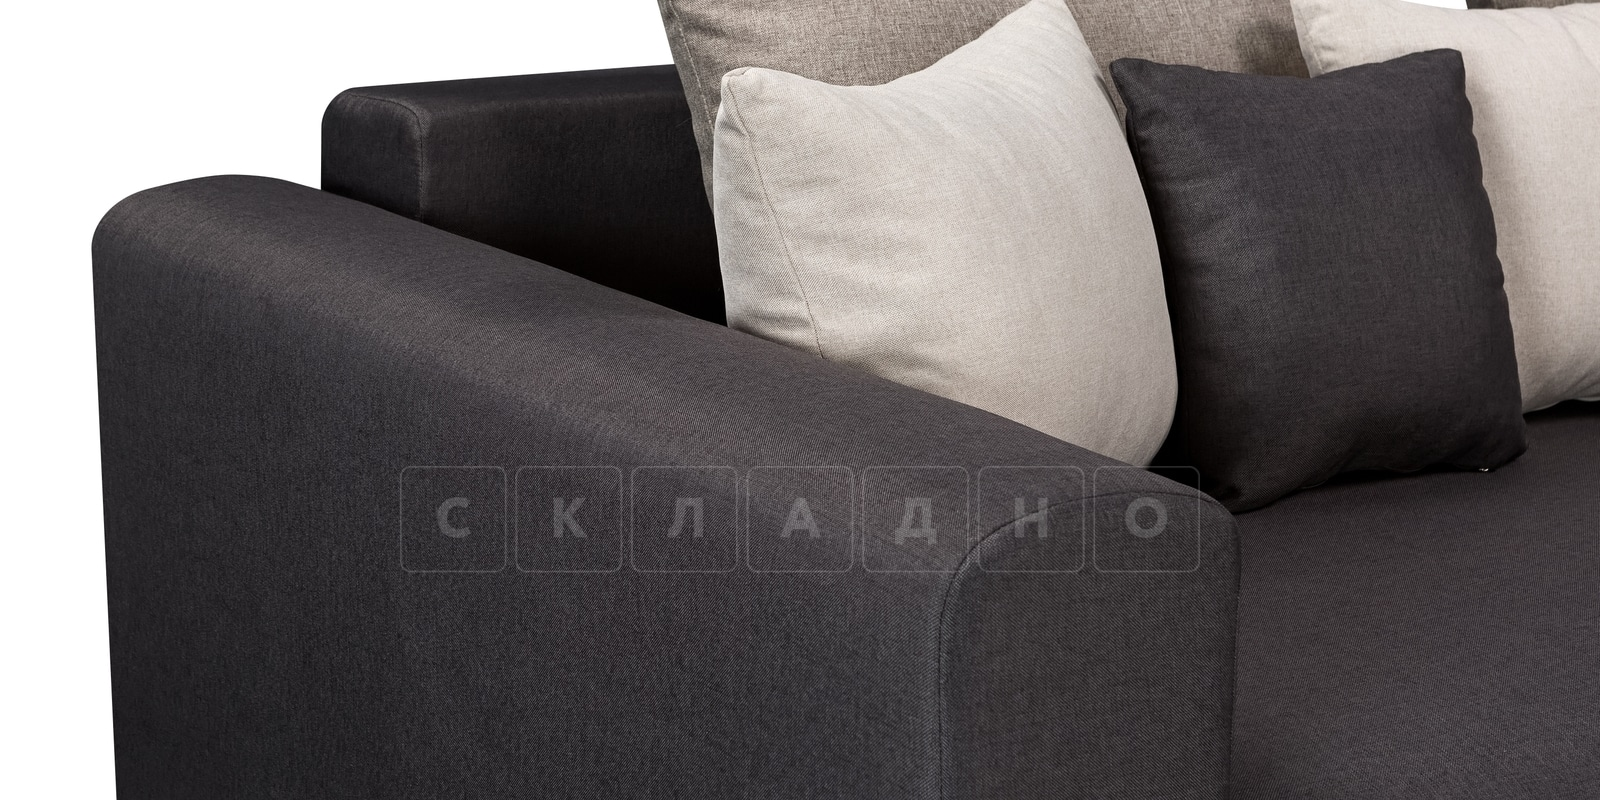 Угловой диван Медисон темно-серый 345х224см фото 5 | интернет-магазин Складно